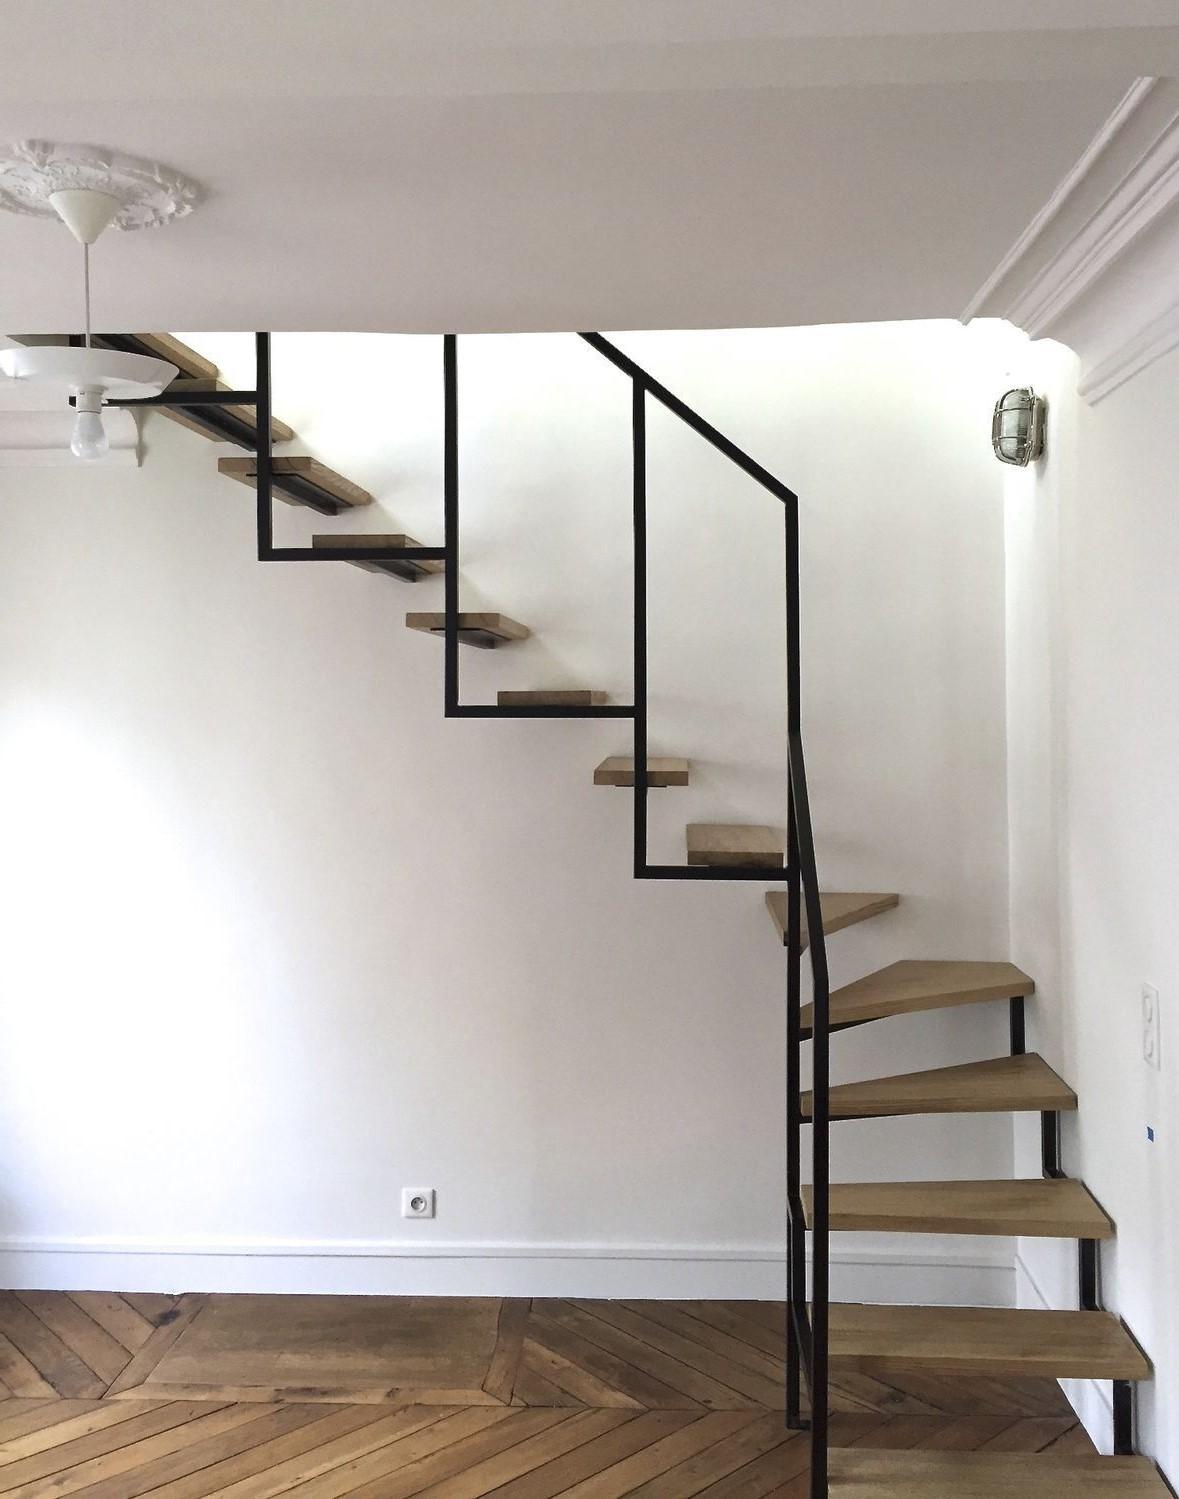 Comme un matériau, le bois est solide, polyvalent, facile à travailler et a un look intemporel.